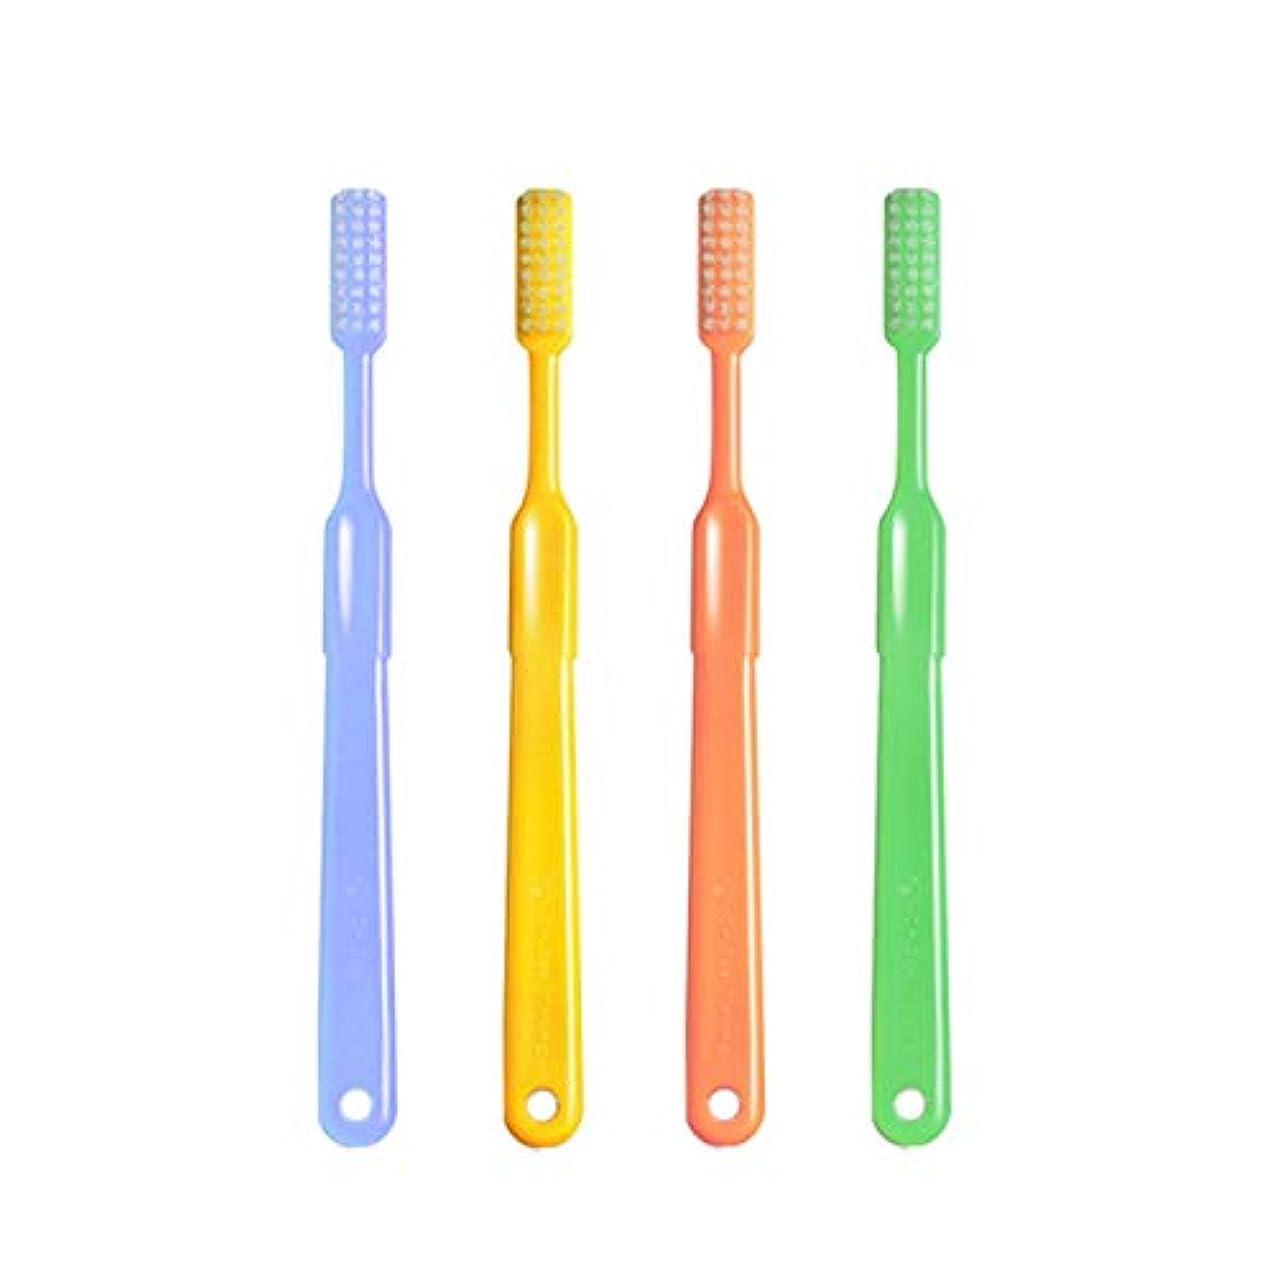 ビーブランド ドクター ビーヤング 歯ブラシ 5本 (ヤング)